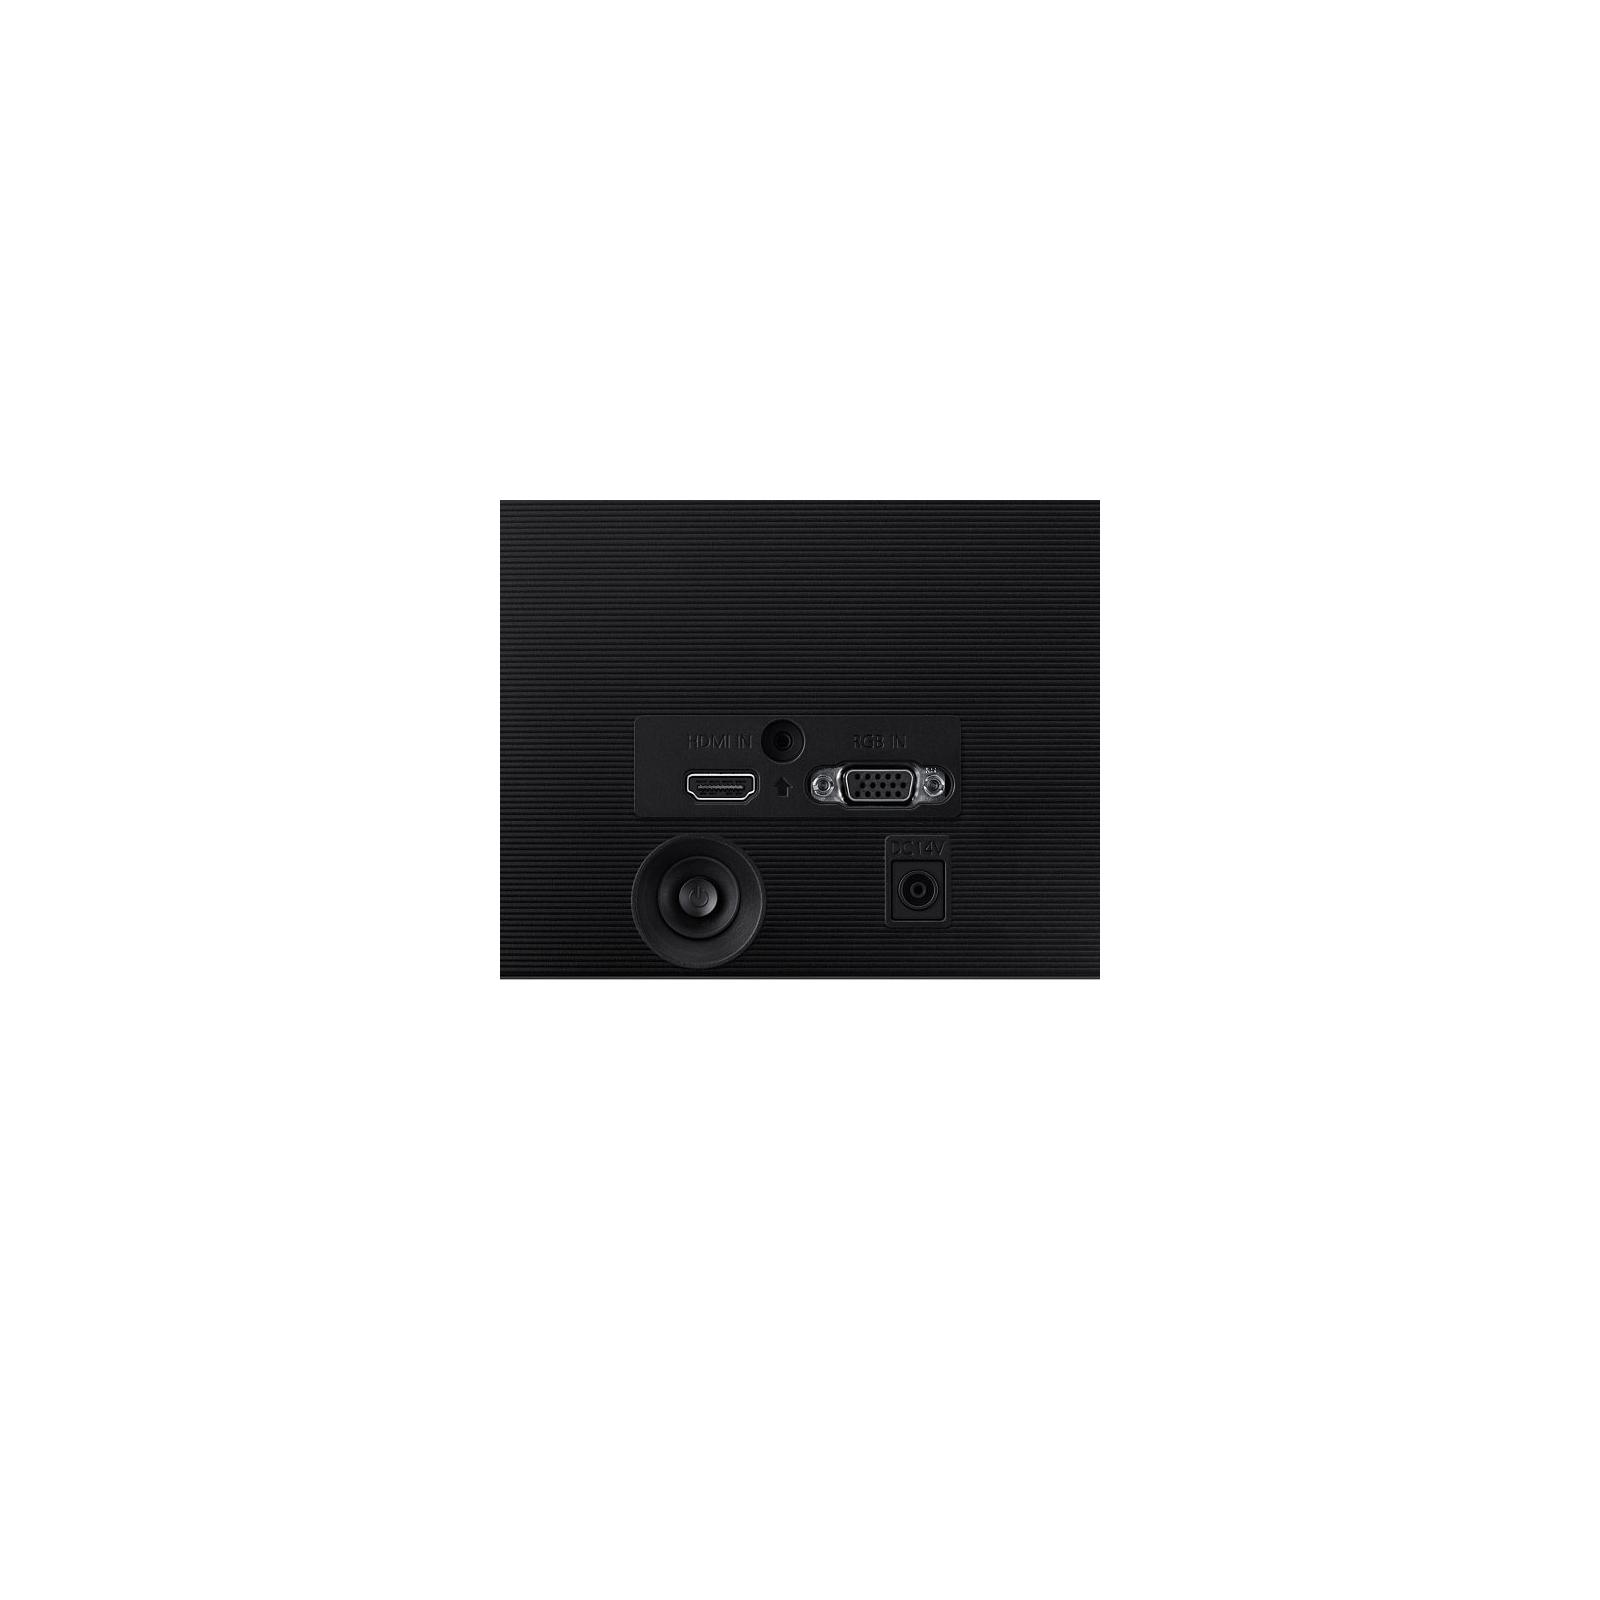 Монитор Samsung S22F350F (LS22F350FHIXCI) изображение 8